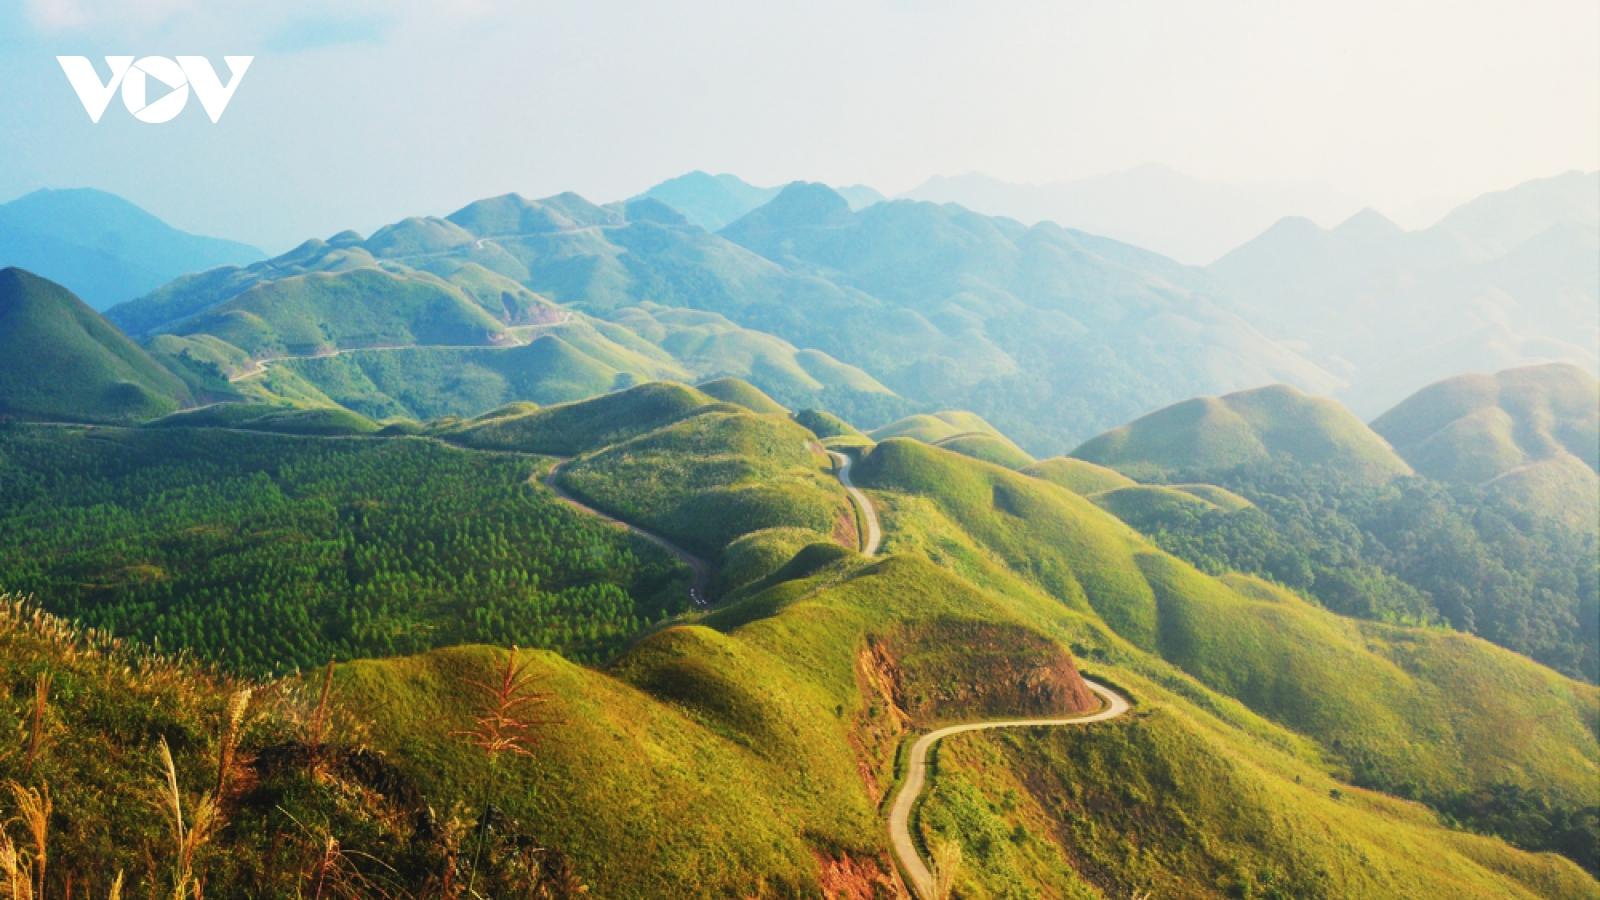 """Bình Liêu – """"Thiên đường"""" của cỏ lau, lúa vàng và biên cương hùng vĩ"""